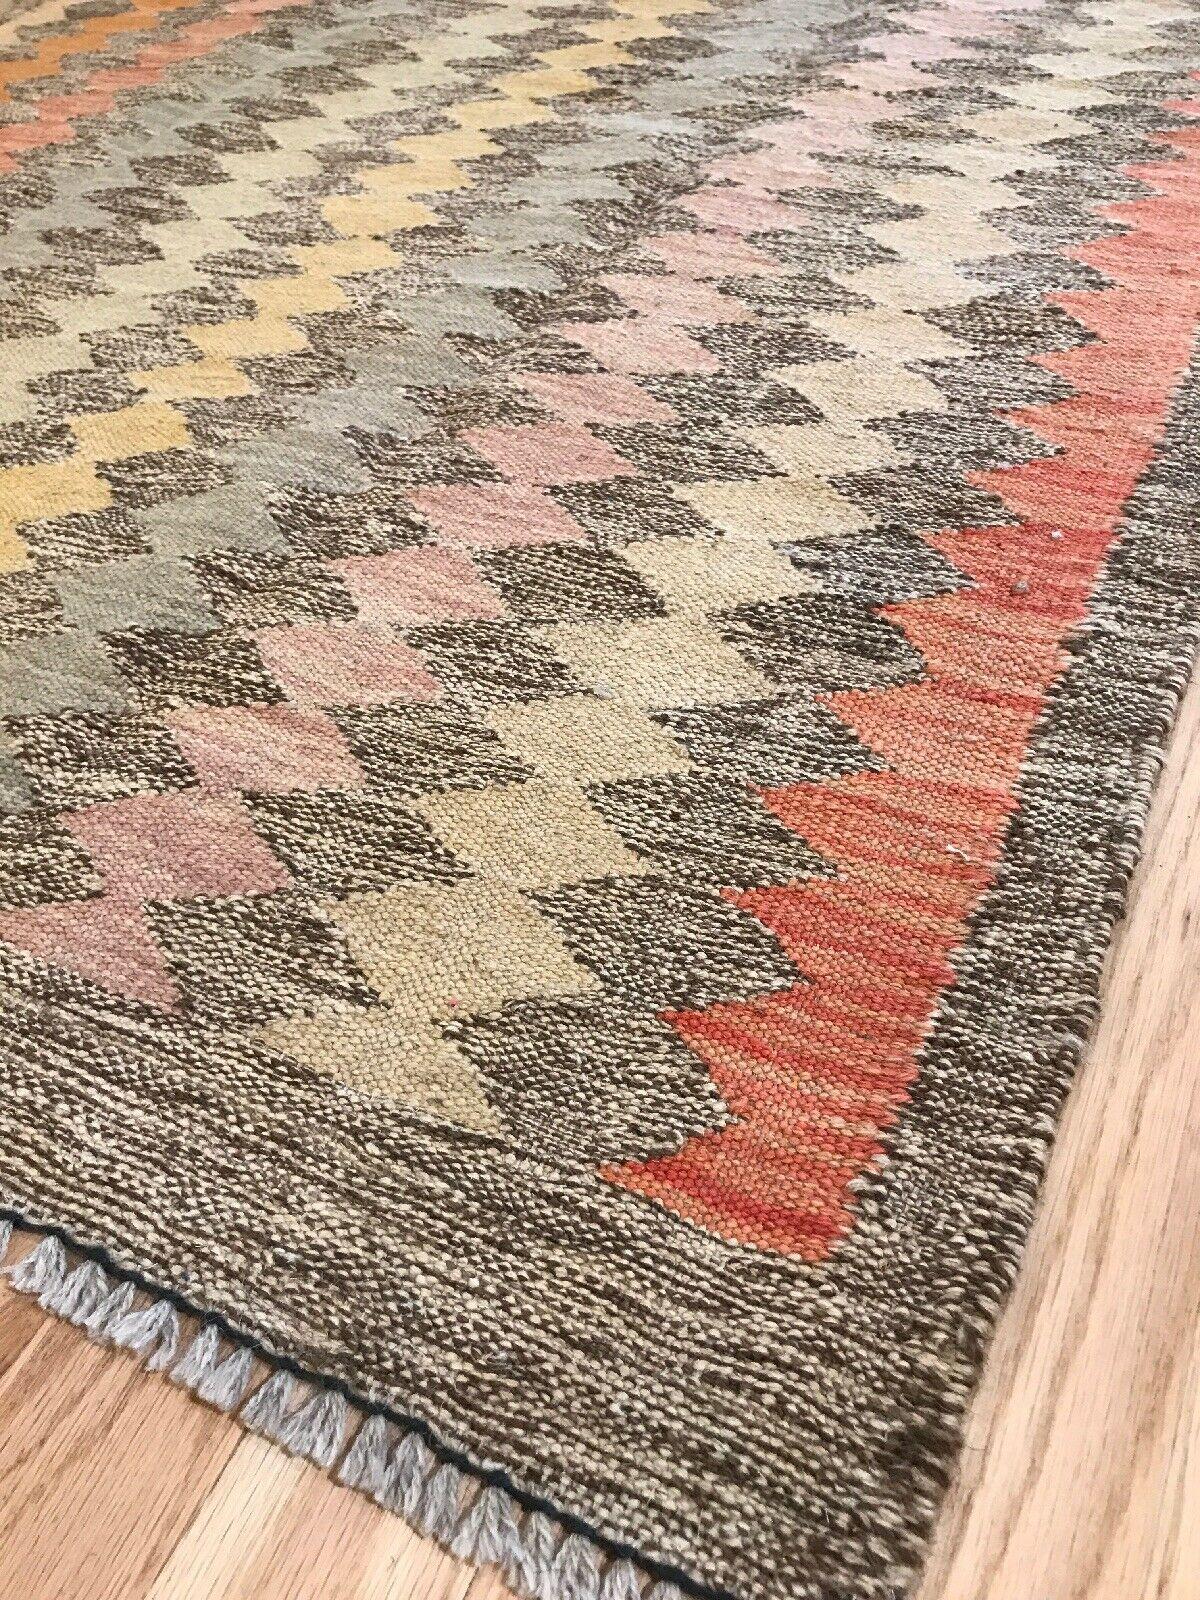 Vintage Tribal Veg dye Hand-Made Kilim Area Rug 3.24.8 WHOLESALE #05 $98.00  - Vintage Rugs - Ideas of Vintage Rugs #VintageRugs